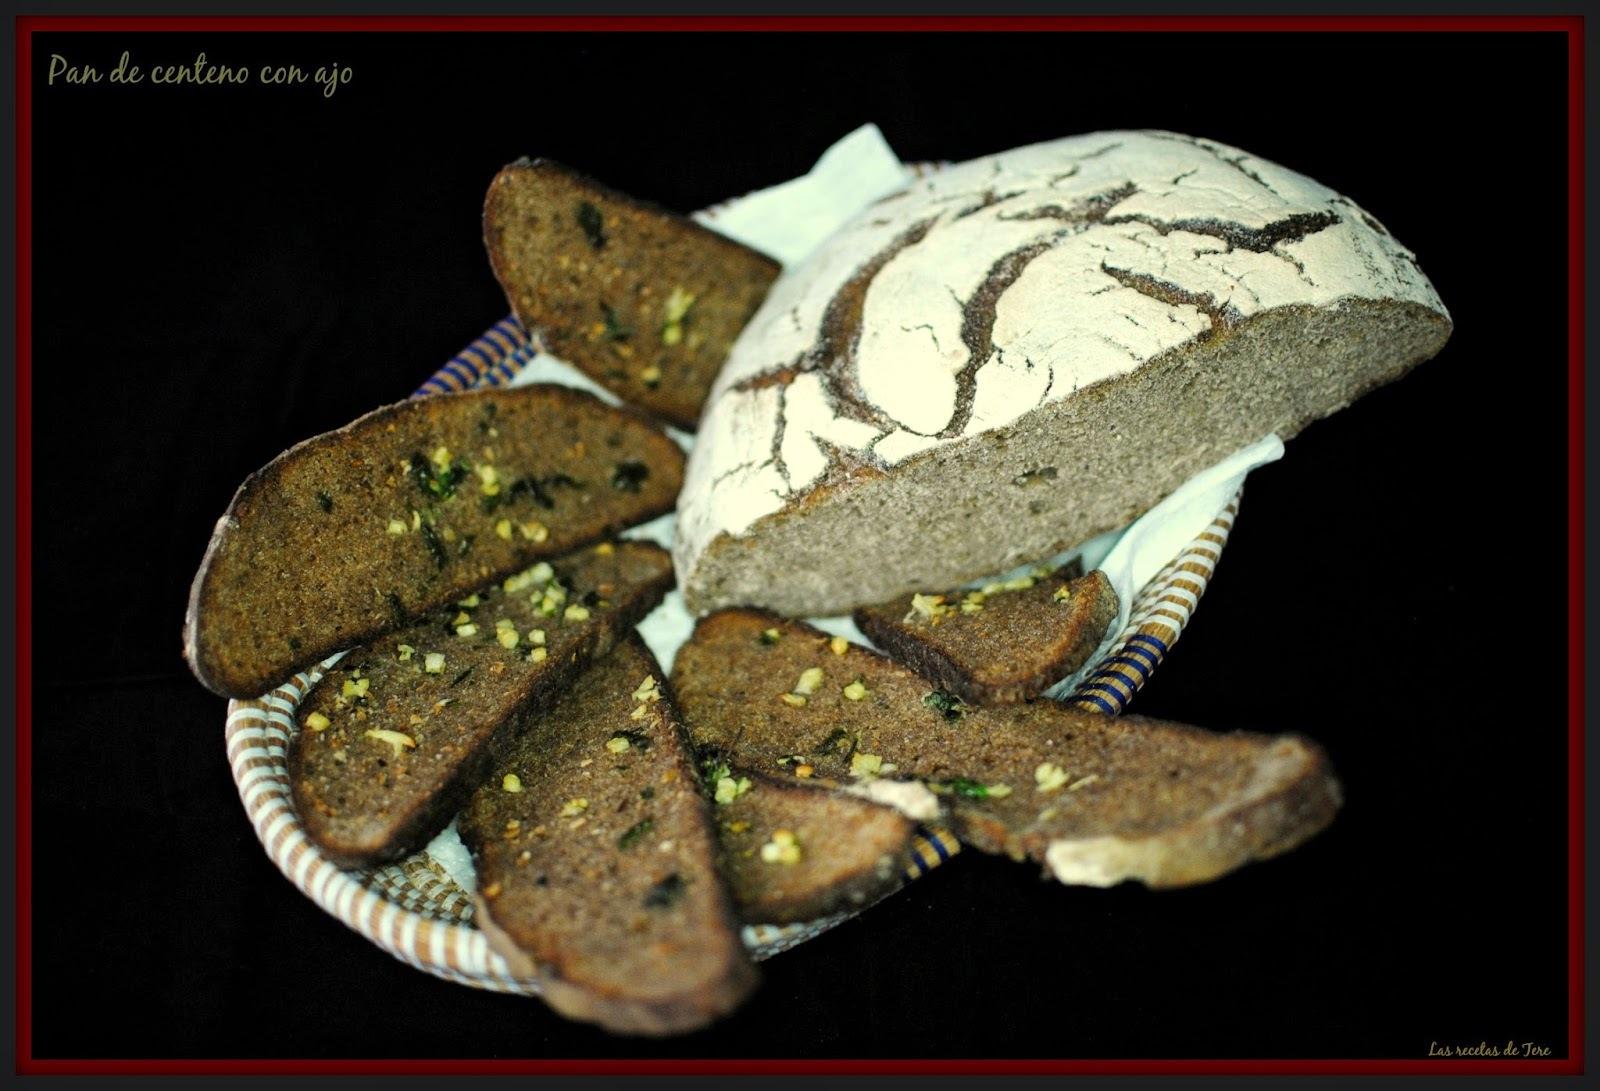 Pan de centeno con ajo.